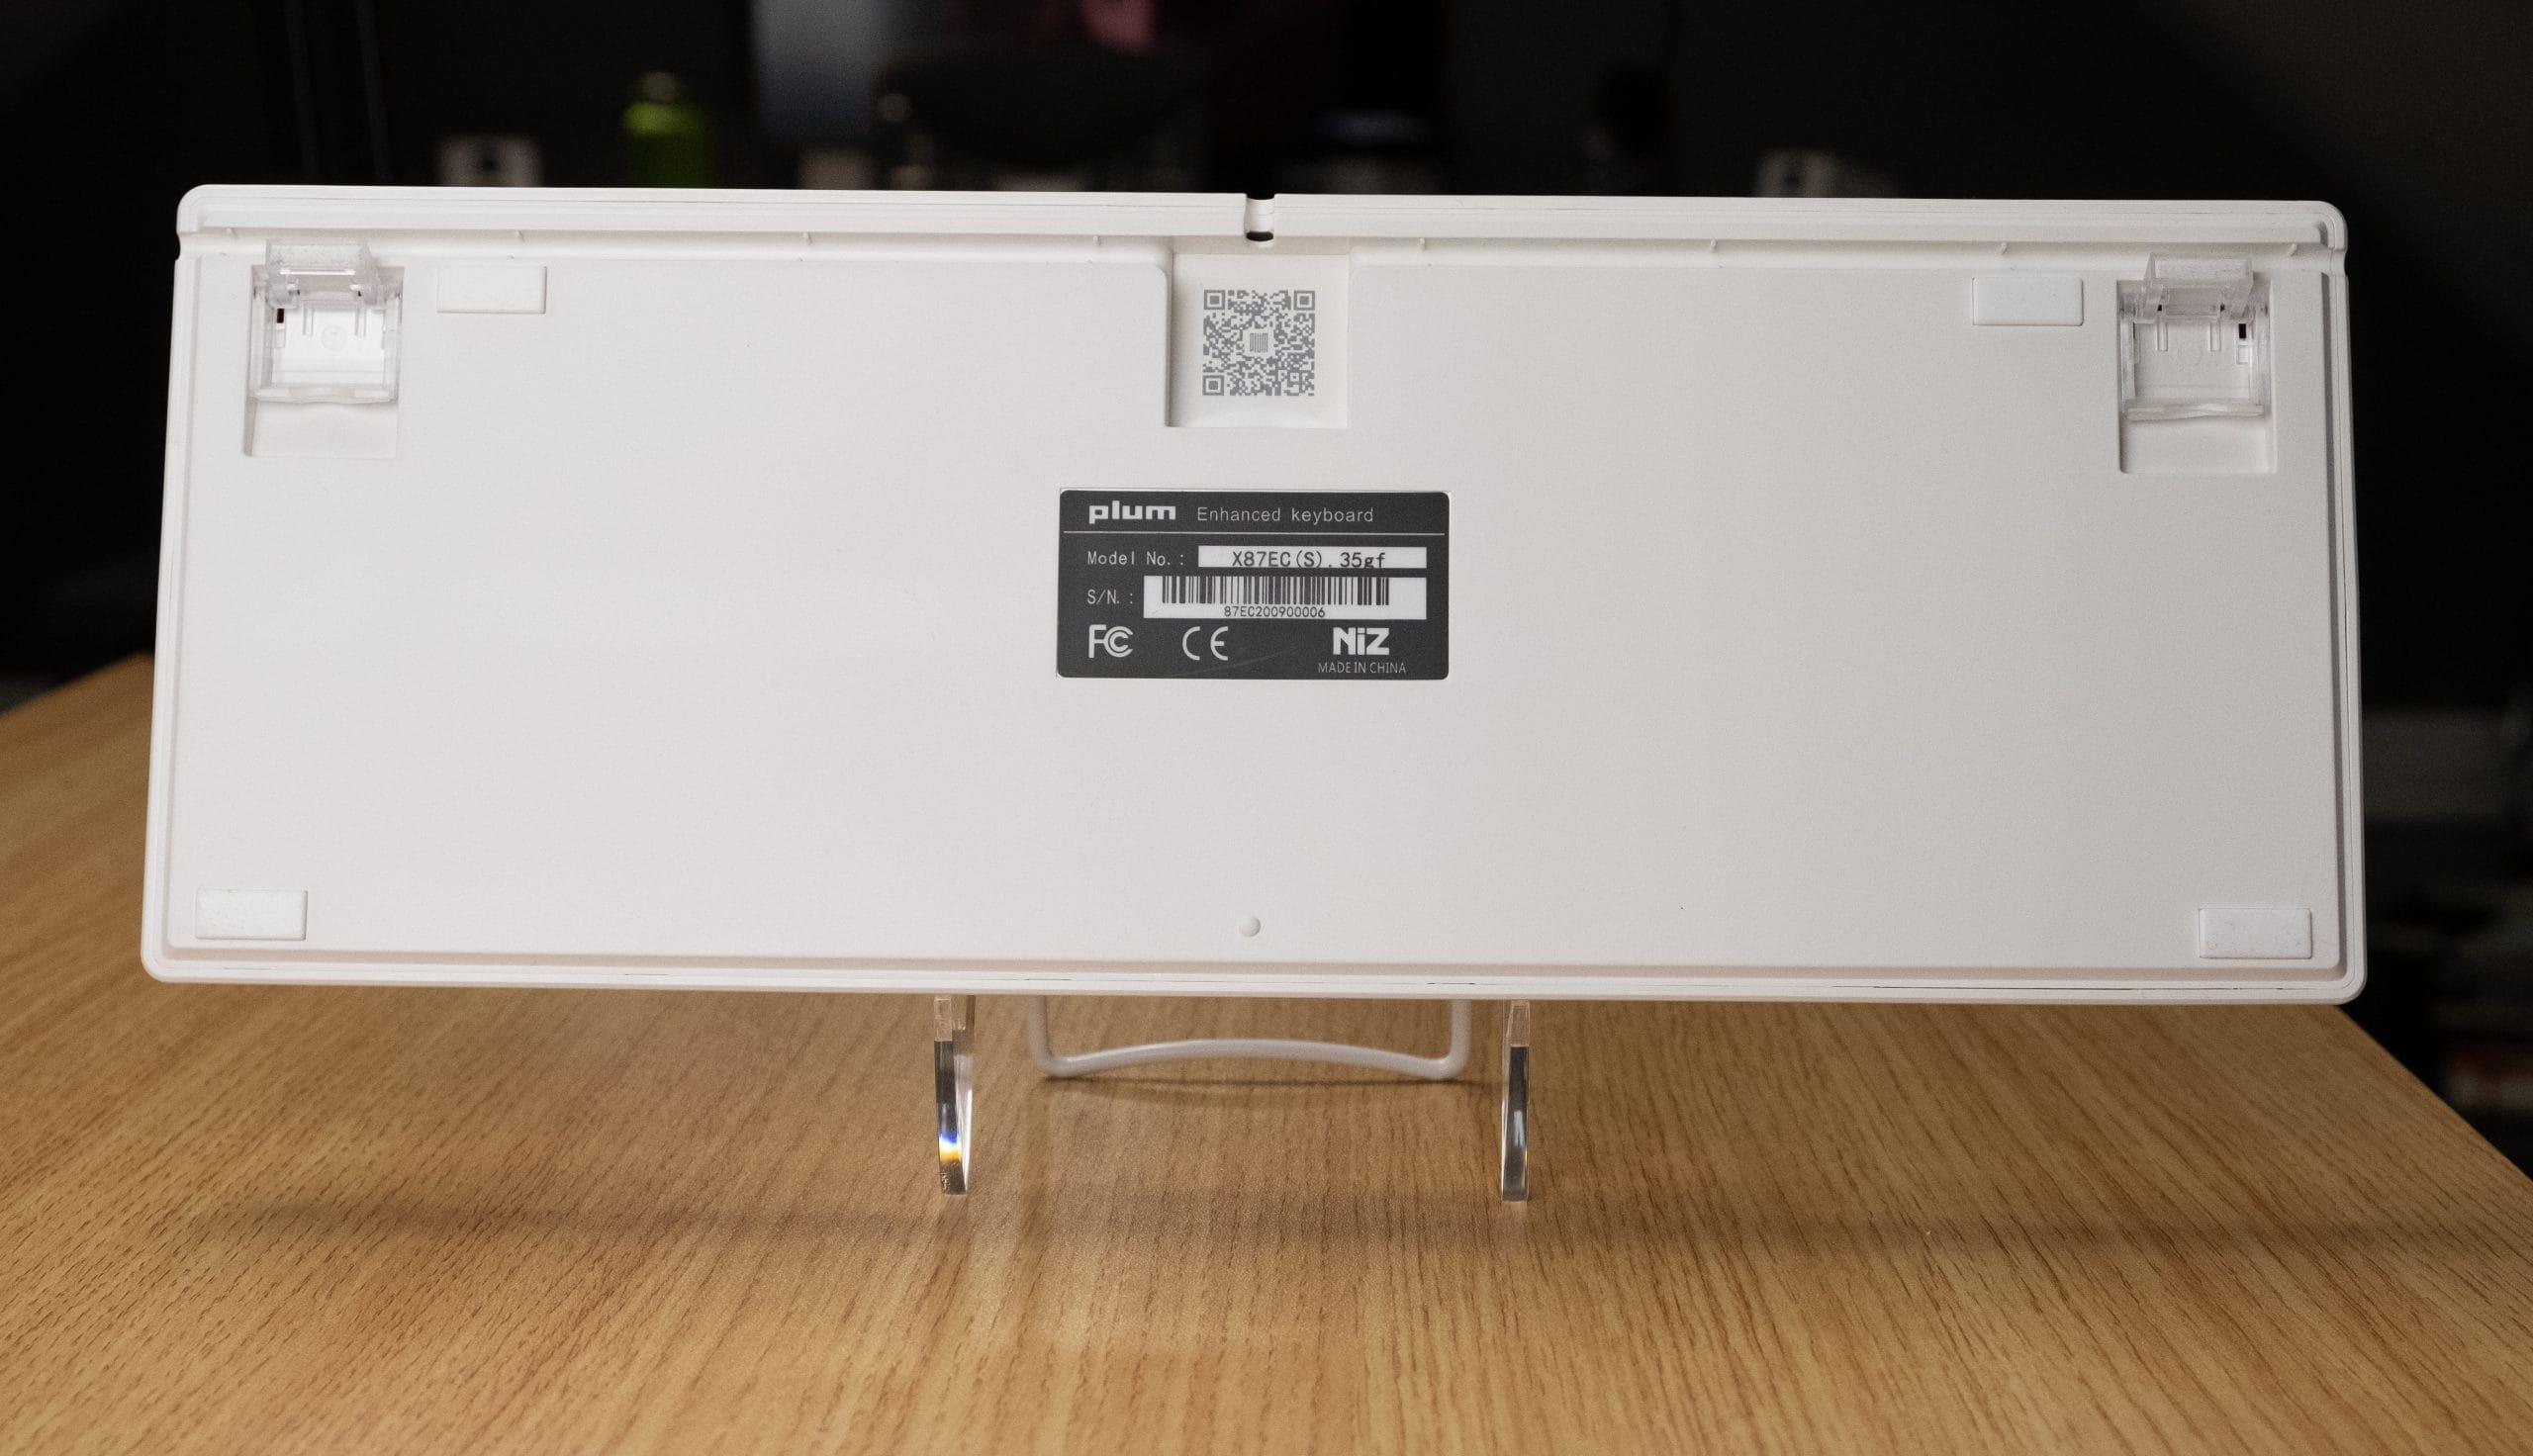 Niz Plum X87 EC- Back